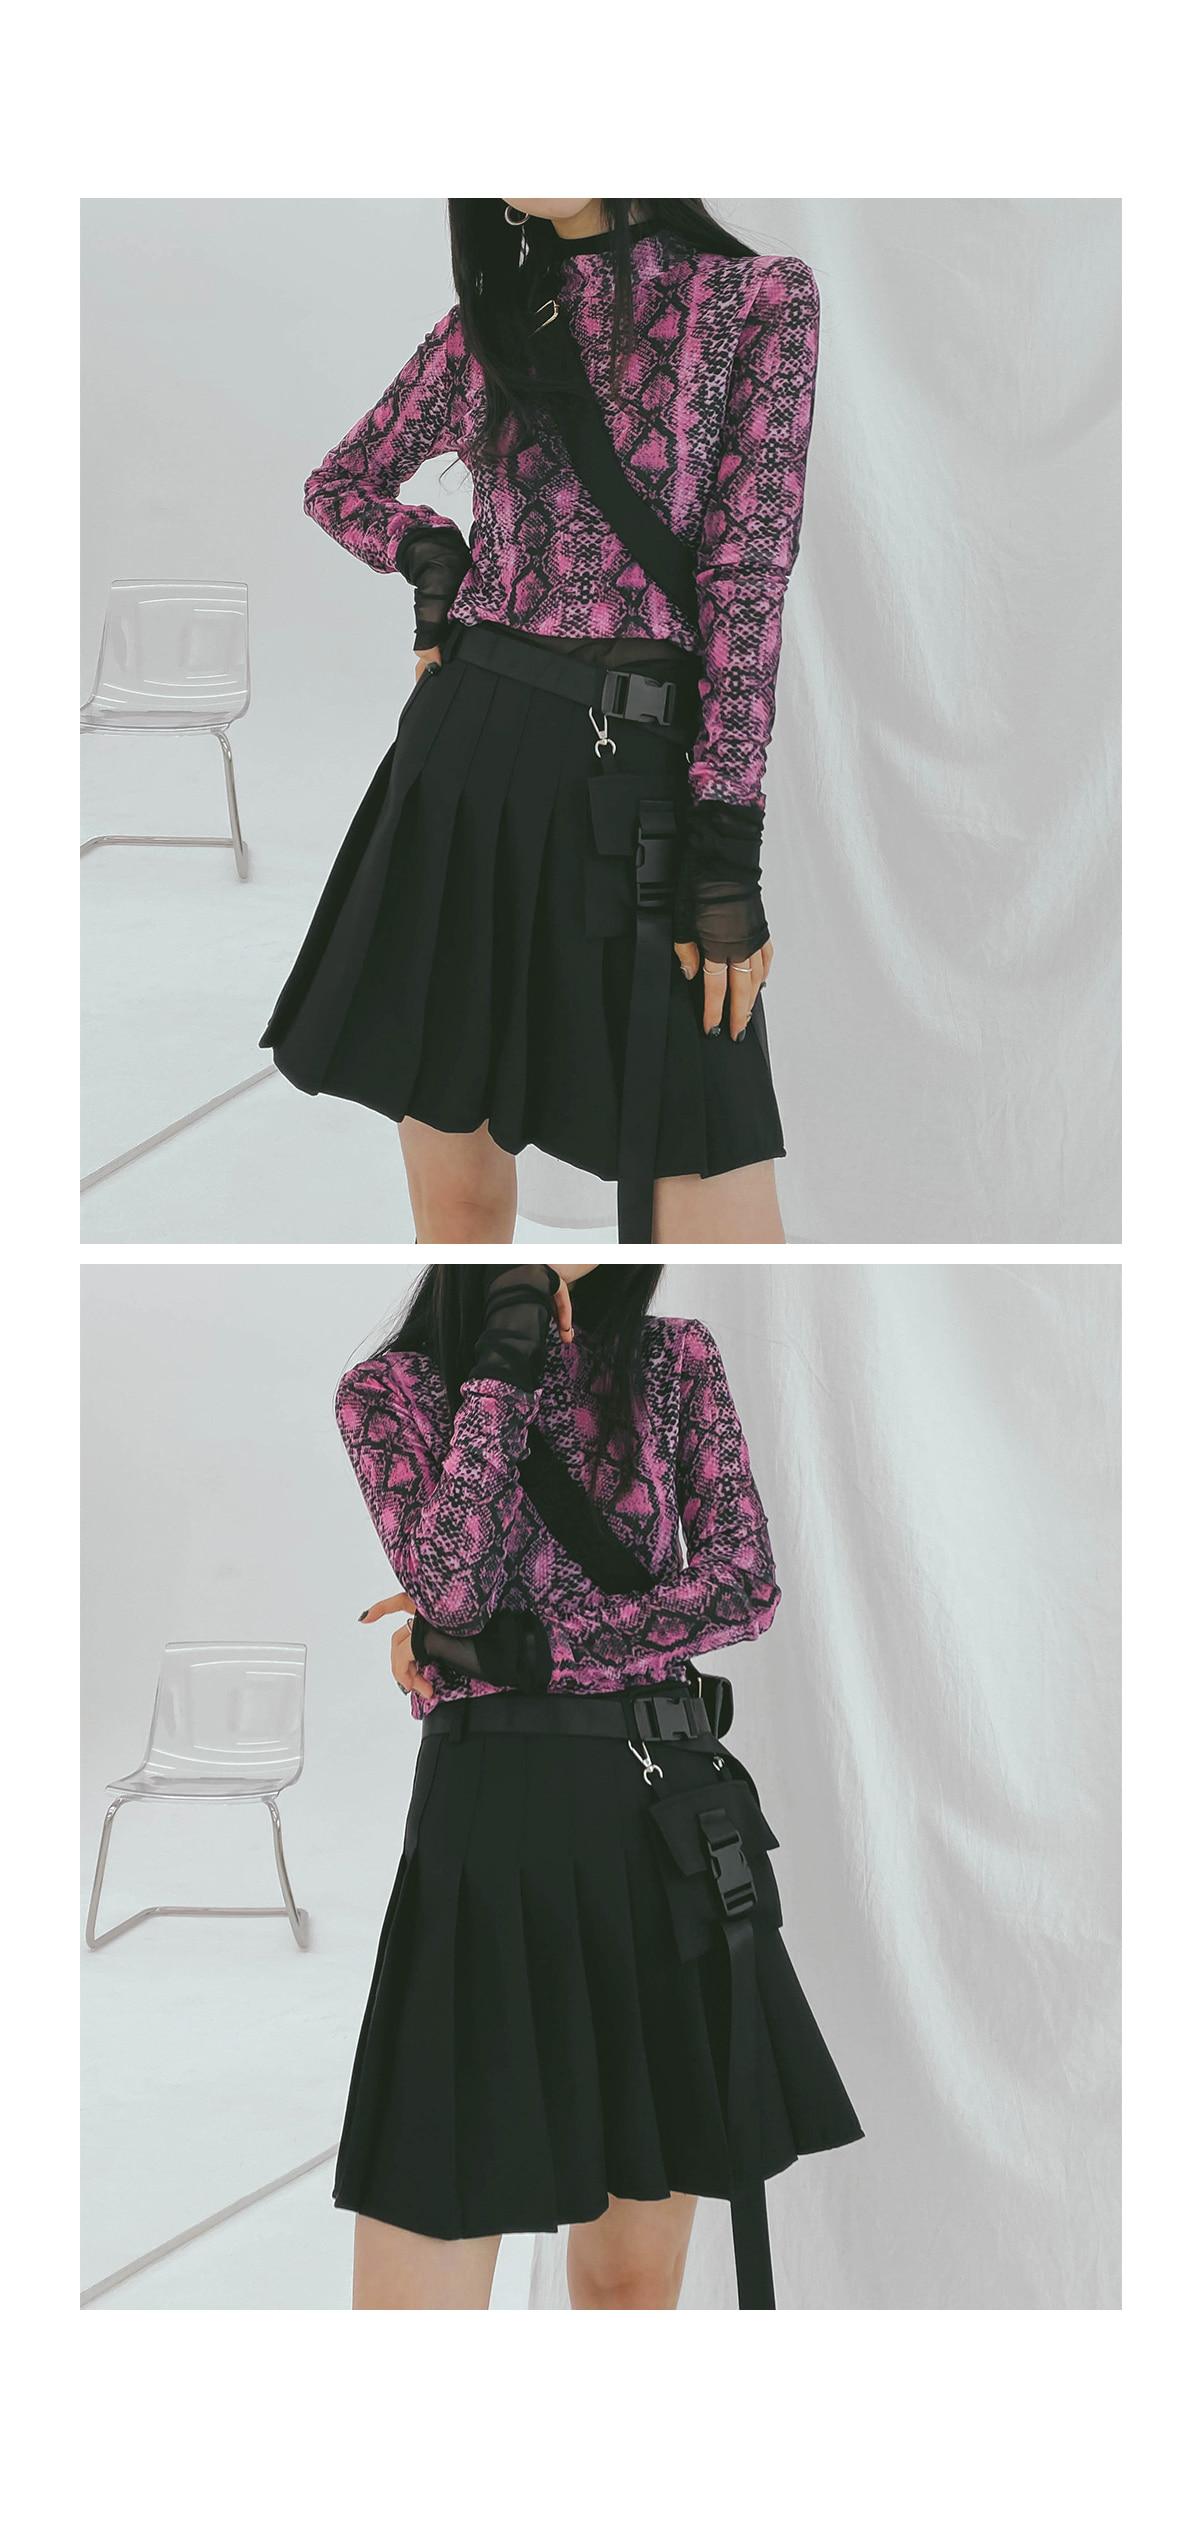 Pocket pleated skirt